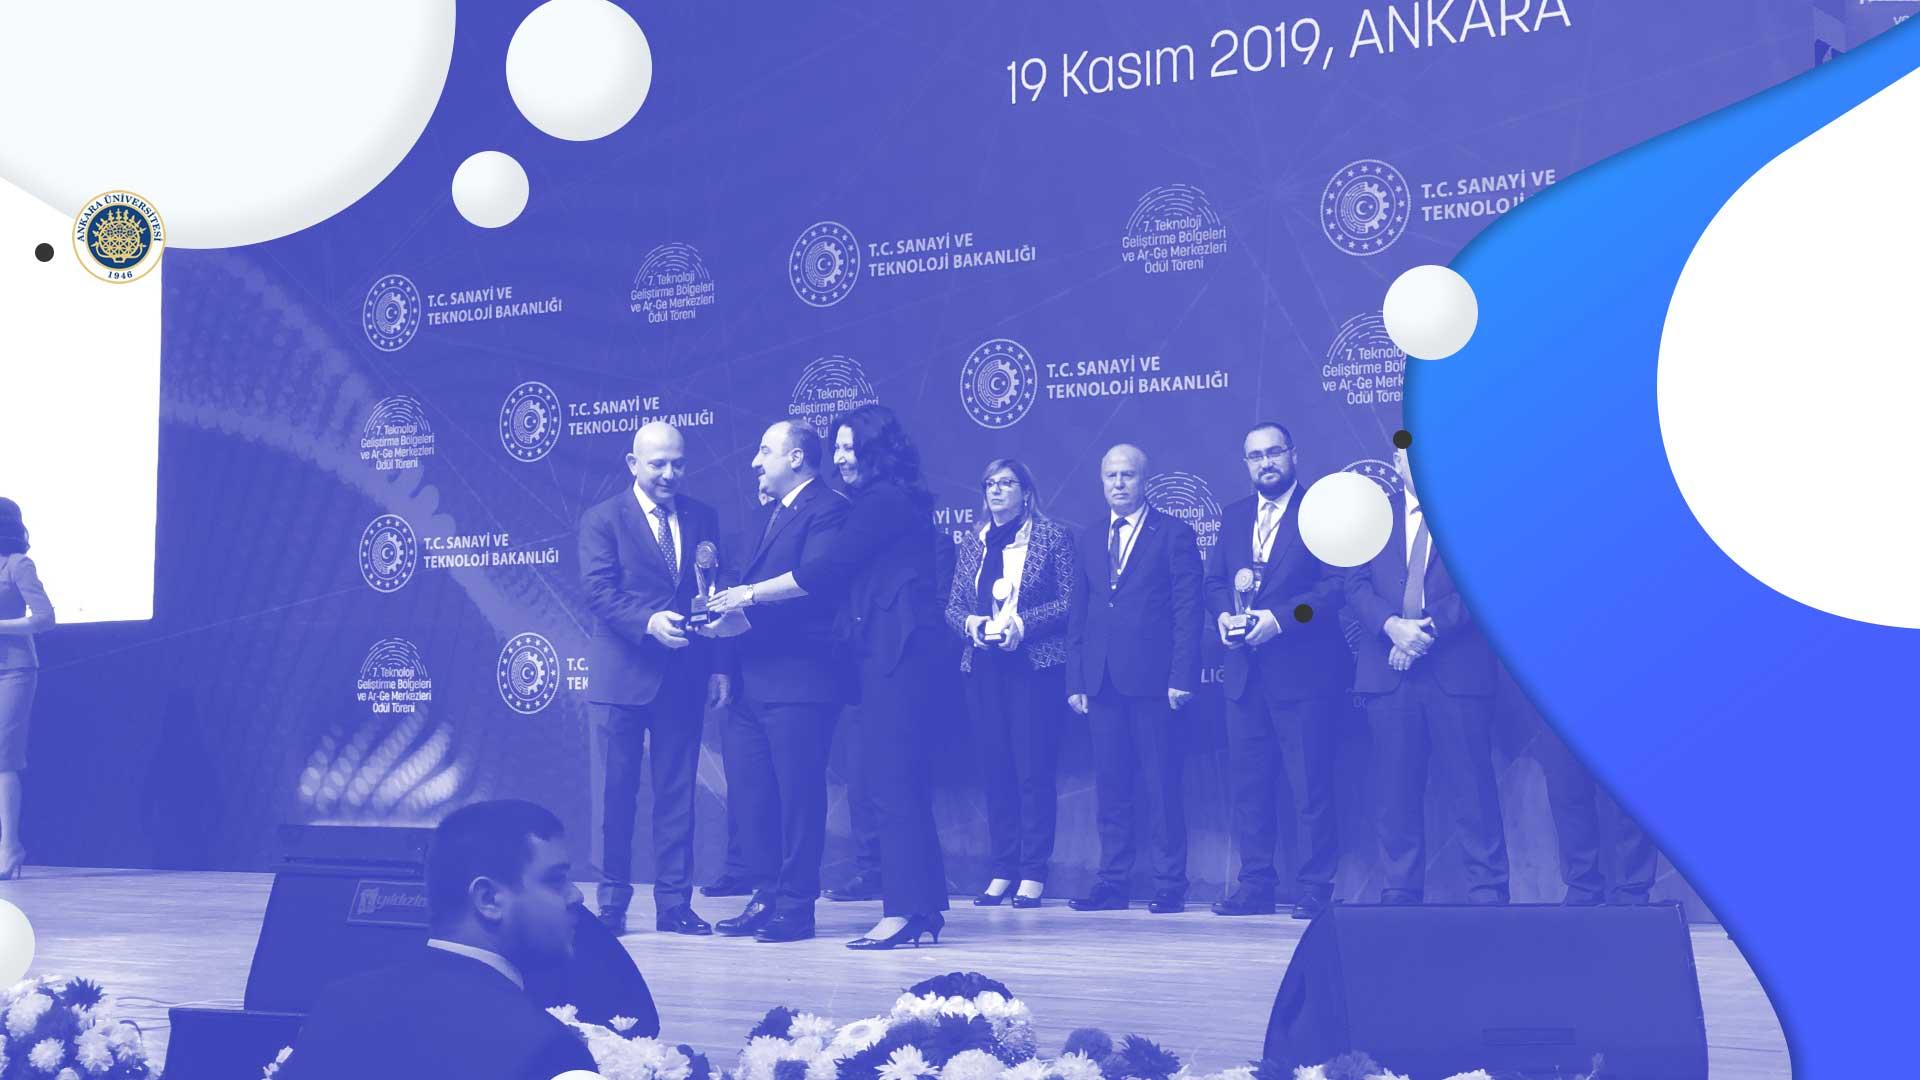 T.C. Sanayi ve  Teknoloji Bakanlığı'ndan Ödül